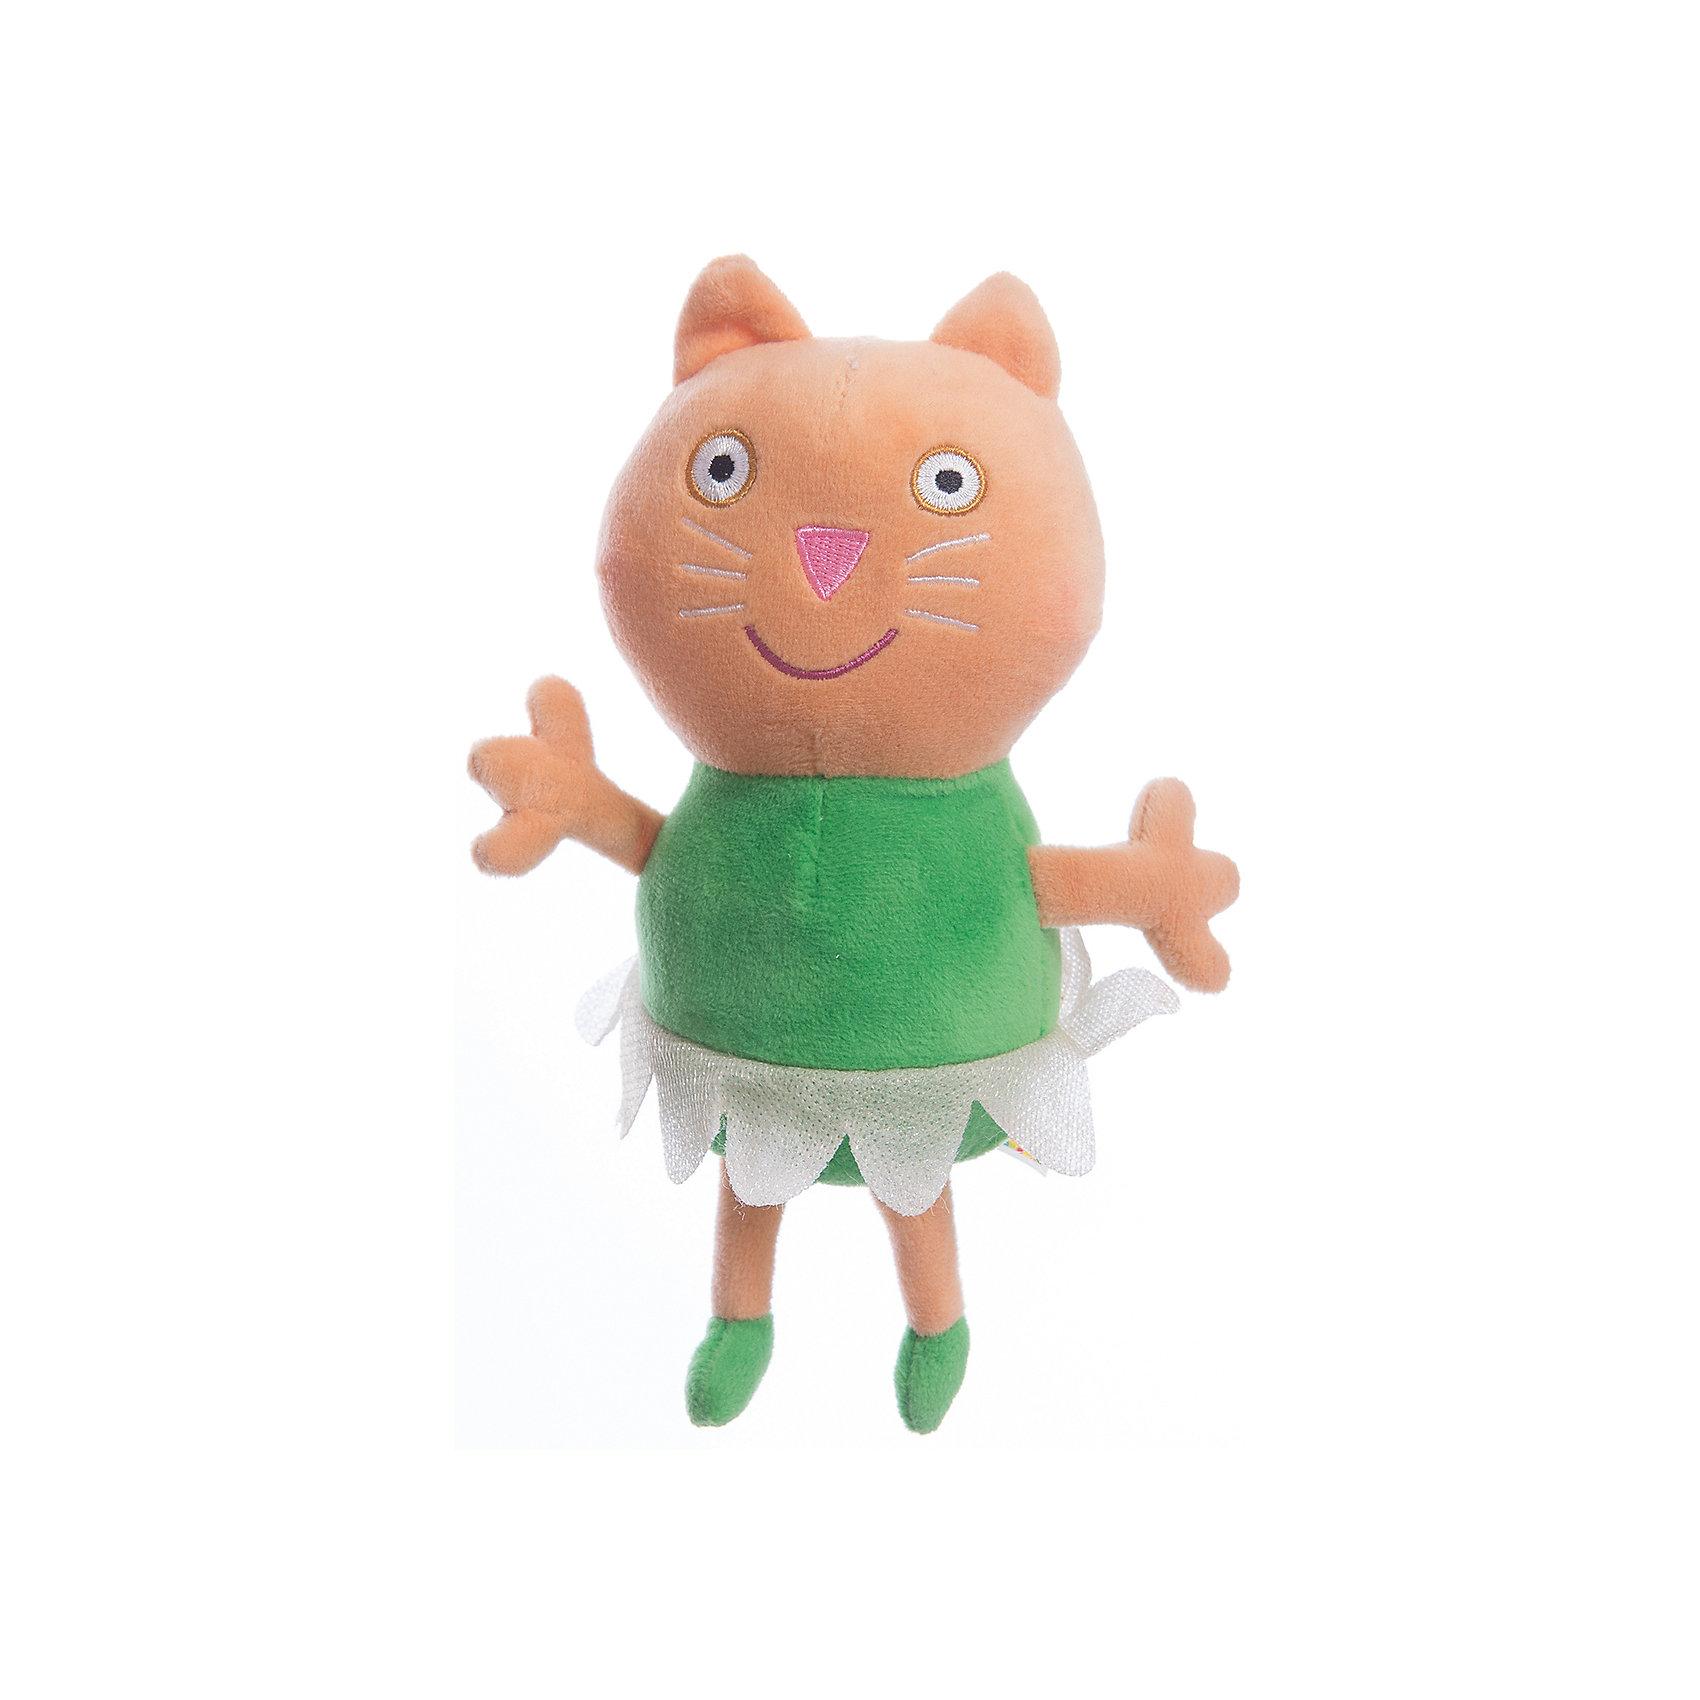 Игрушка  Котенок Кэнди балерина, 20 см, Свинка ПеппаИгрушки<br>Линейка мягких игрушек Балерины, Свинка Пеппа (Peppa Pig ), создана по мотивам серии мультфильма Урок балета. Игрушка  Котенок Кэнди балерина одета в веселую юбочку из ткани. Эта очаровательная мягкая игрушка очень приятна на ощупь, так как изготовлена из велюровой ткани и плотно набита. Также из данной серии вы можете выбрать следующие игрушки: Кролик Ребекка балерина, Пеппа балерина, Кошечка Кэнди балерина. Собери всем мягких балерин и устрой веселое представление. Игрушка изготовлена из высококачественных материалов, безопасных для детей.<br><br>Дополнительная информация: <br> <br>- Материал: текстиль, синтепон.<br>- Размер: 20 см (с ножками).<br>- Цвет: оранжевый, зеленый, белый.<br><br>Игрушку Котенок Кэнди балерина, 20 см, Свинка Пеппа (Peppa Pig ) можно купить в нашем магазине.<br><br>Ширина мм: 100<br>Глубина мм: 80<br>Высота мм: 200<br>Вес г: 70<br>Возраст от месяцев: 36<br>Возраст до месяцев: 84<br>Пол: Унисекс<br>Возраст: Детский<br>SKU: 3905903